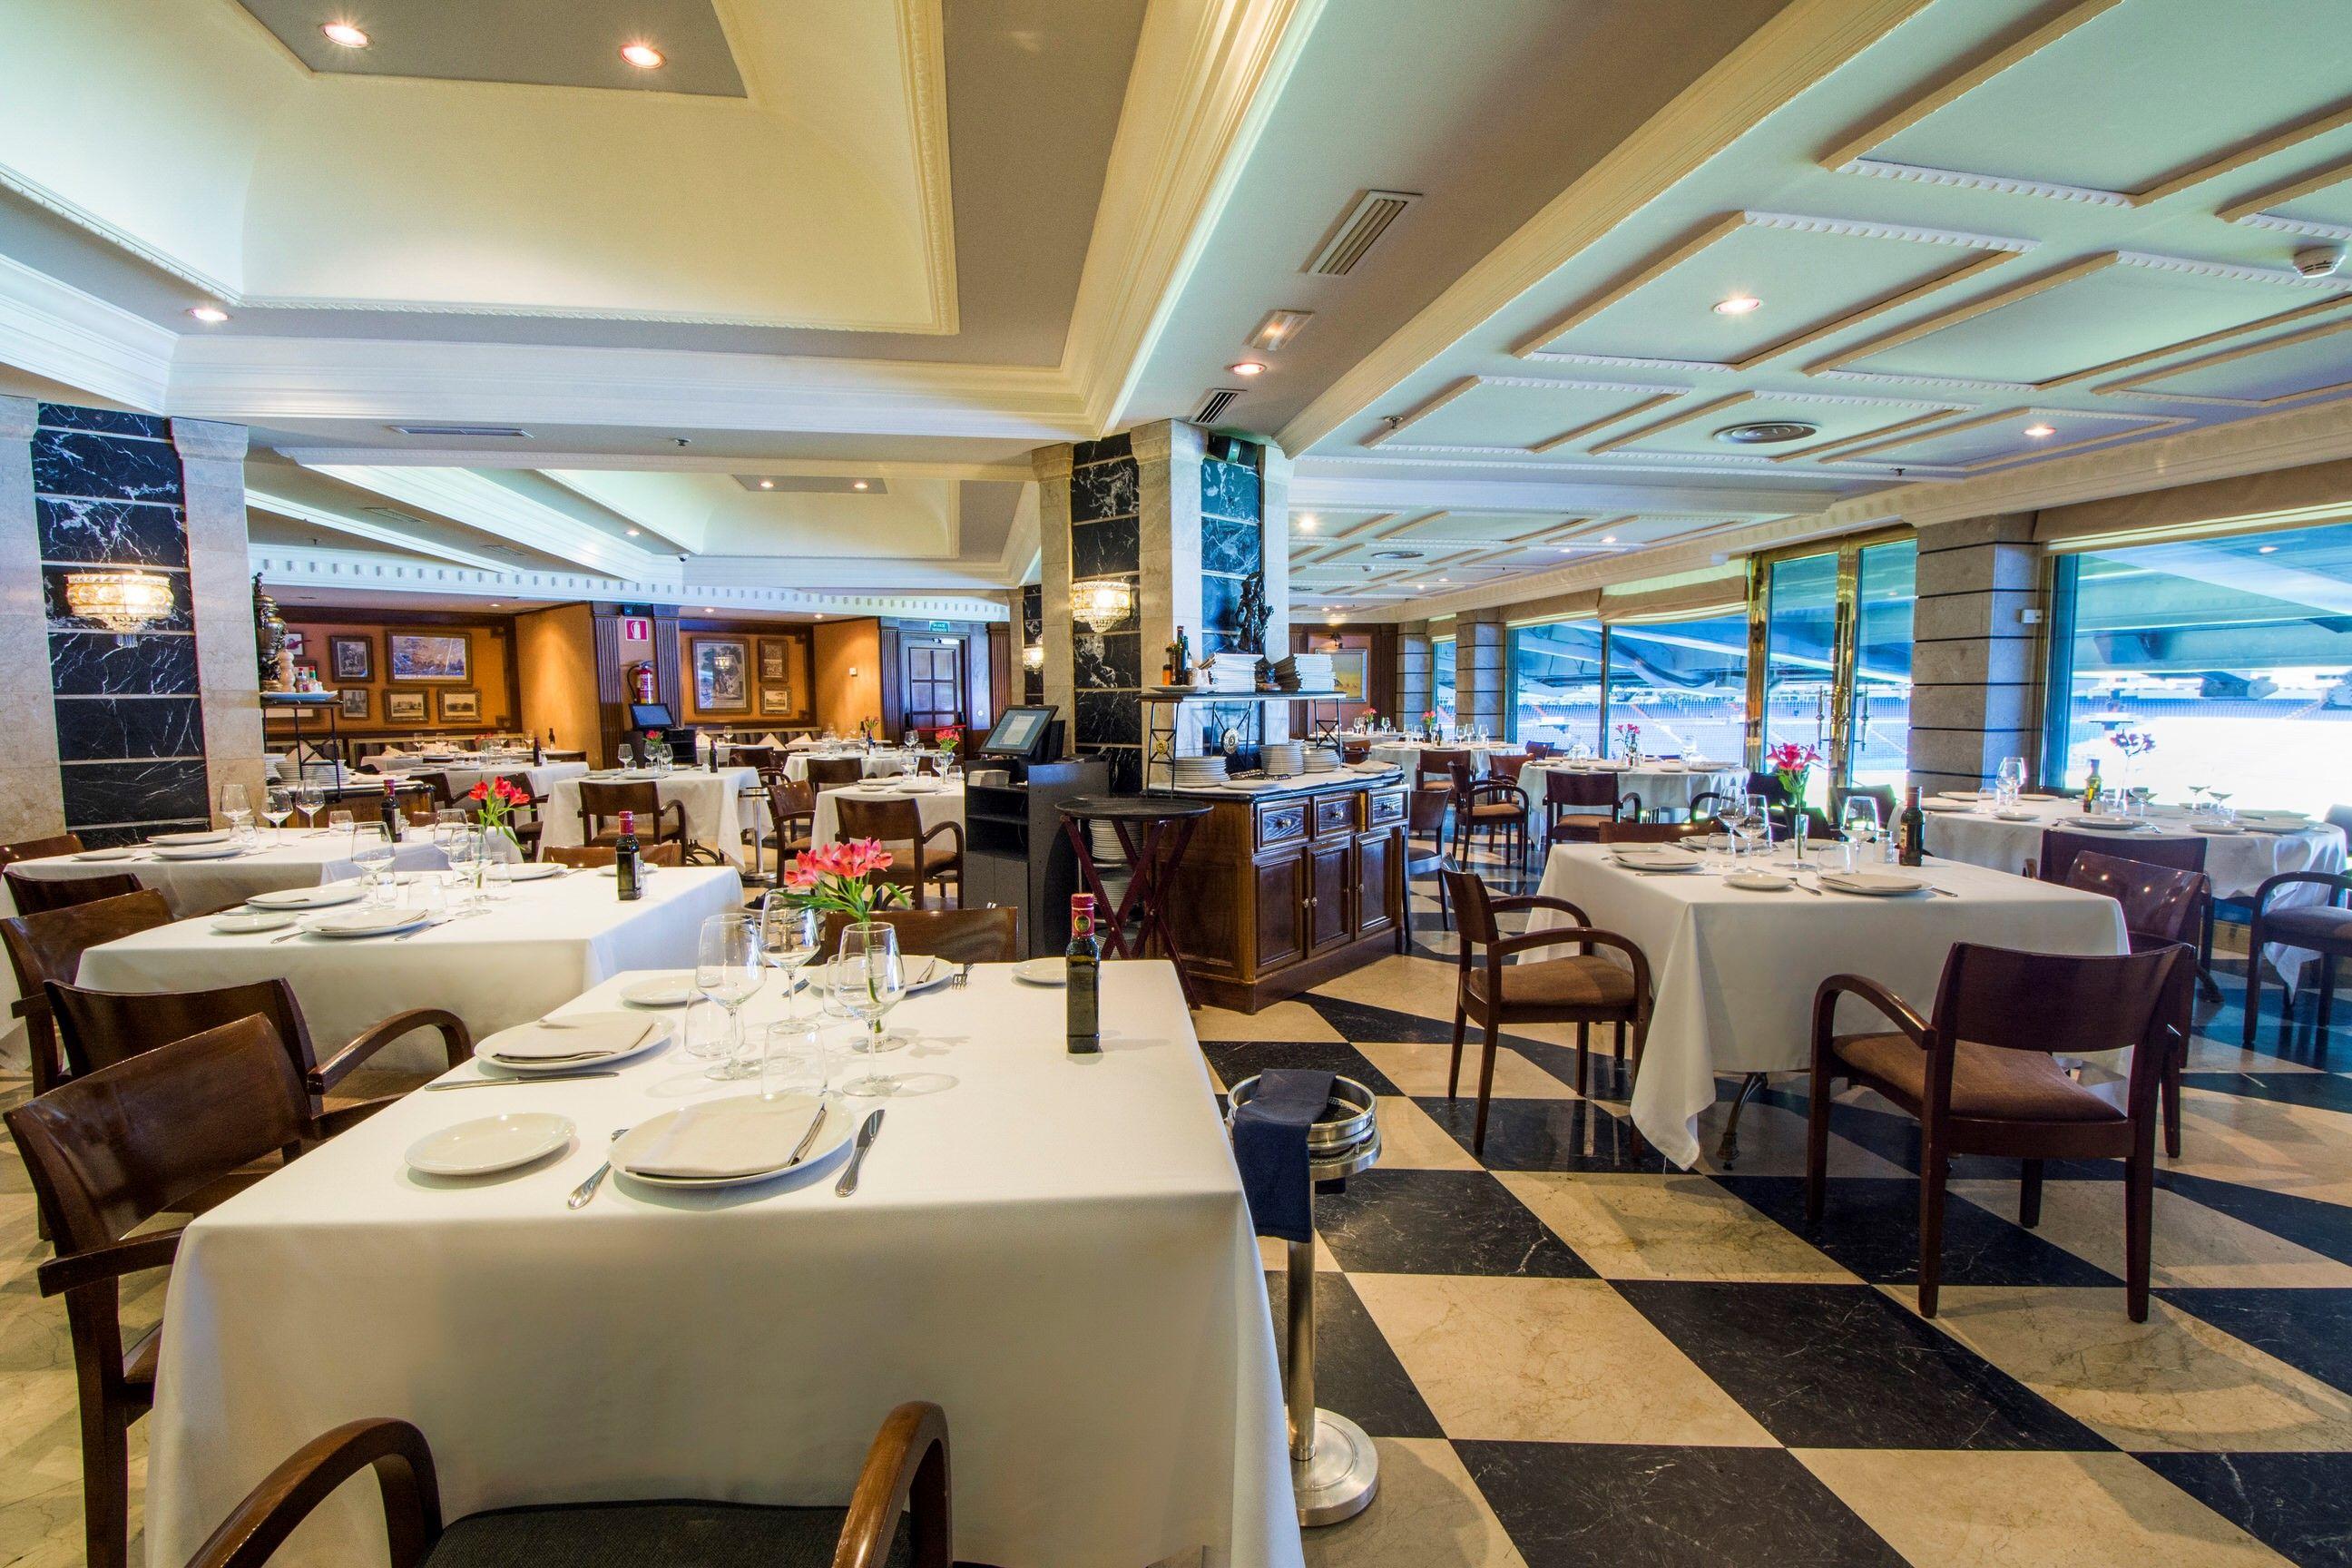 Sal n con vistas al bernab u en el restaurante puerta 57 puerta 57 pinterest - Restaurante puerta 57 madrid ...